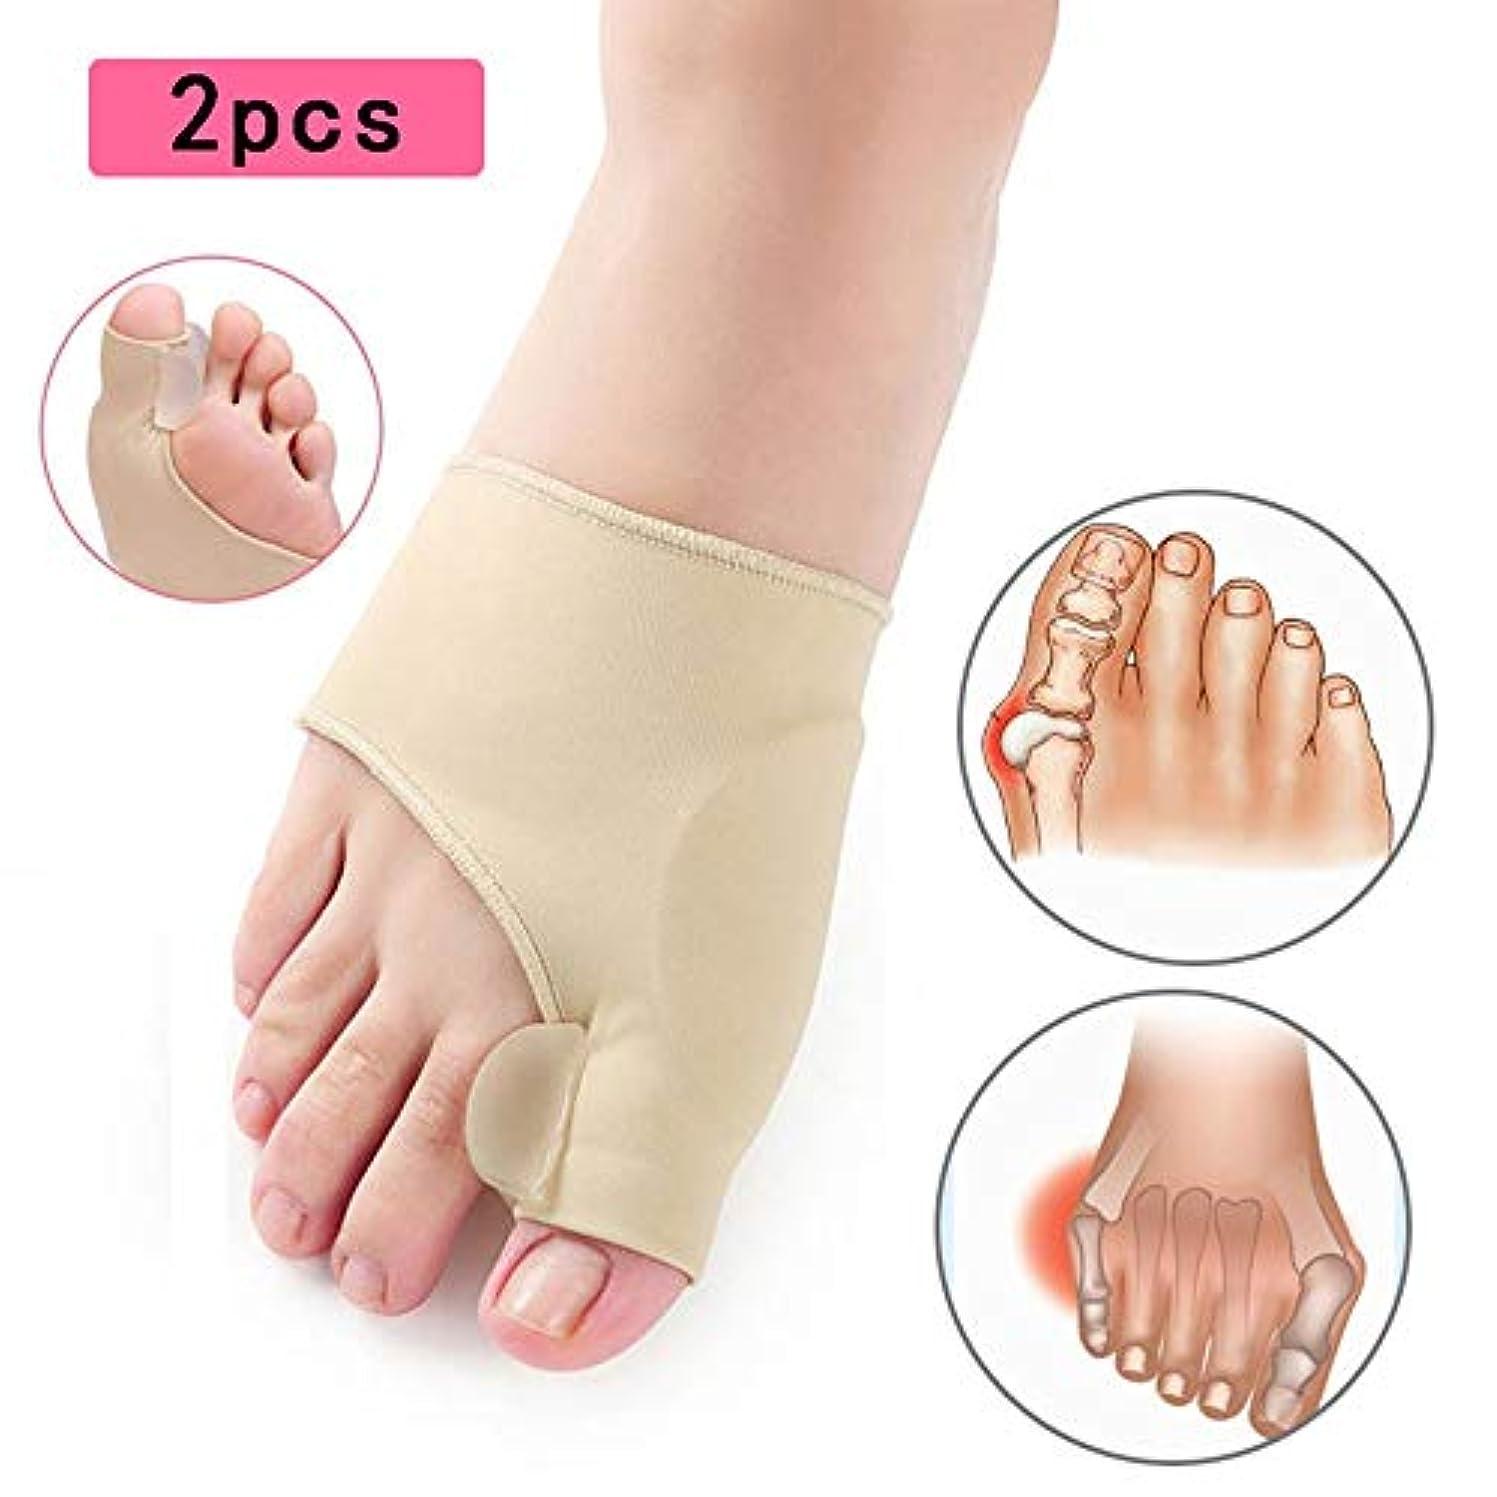 ロイヤリティラッドヤードキップリング悲劇的な1ペア親指外反母correct矯正大足矯正腱膜瘤パッド、ブレースクッション、ゲルパッドを内蔵、男性と女性の外反母Paの痛みを軽減(アプリコット色)